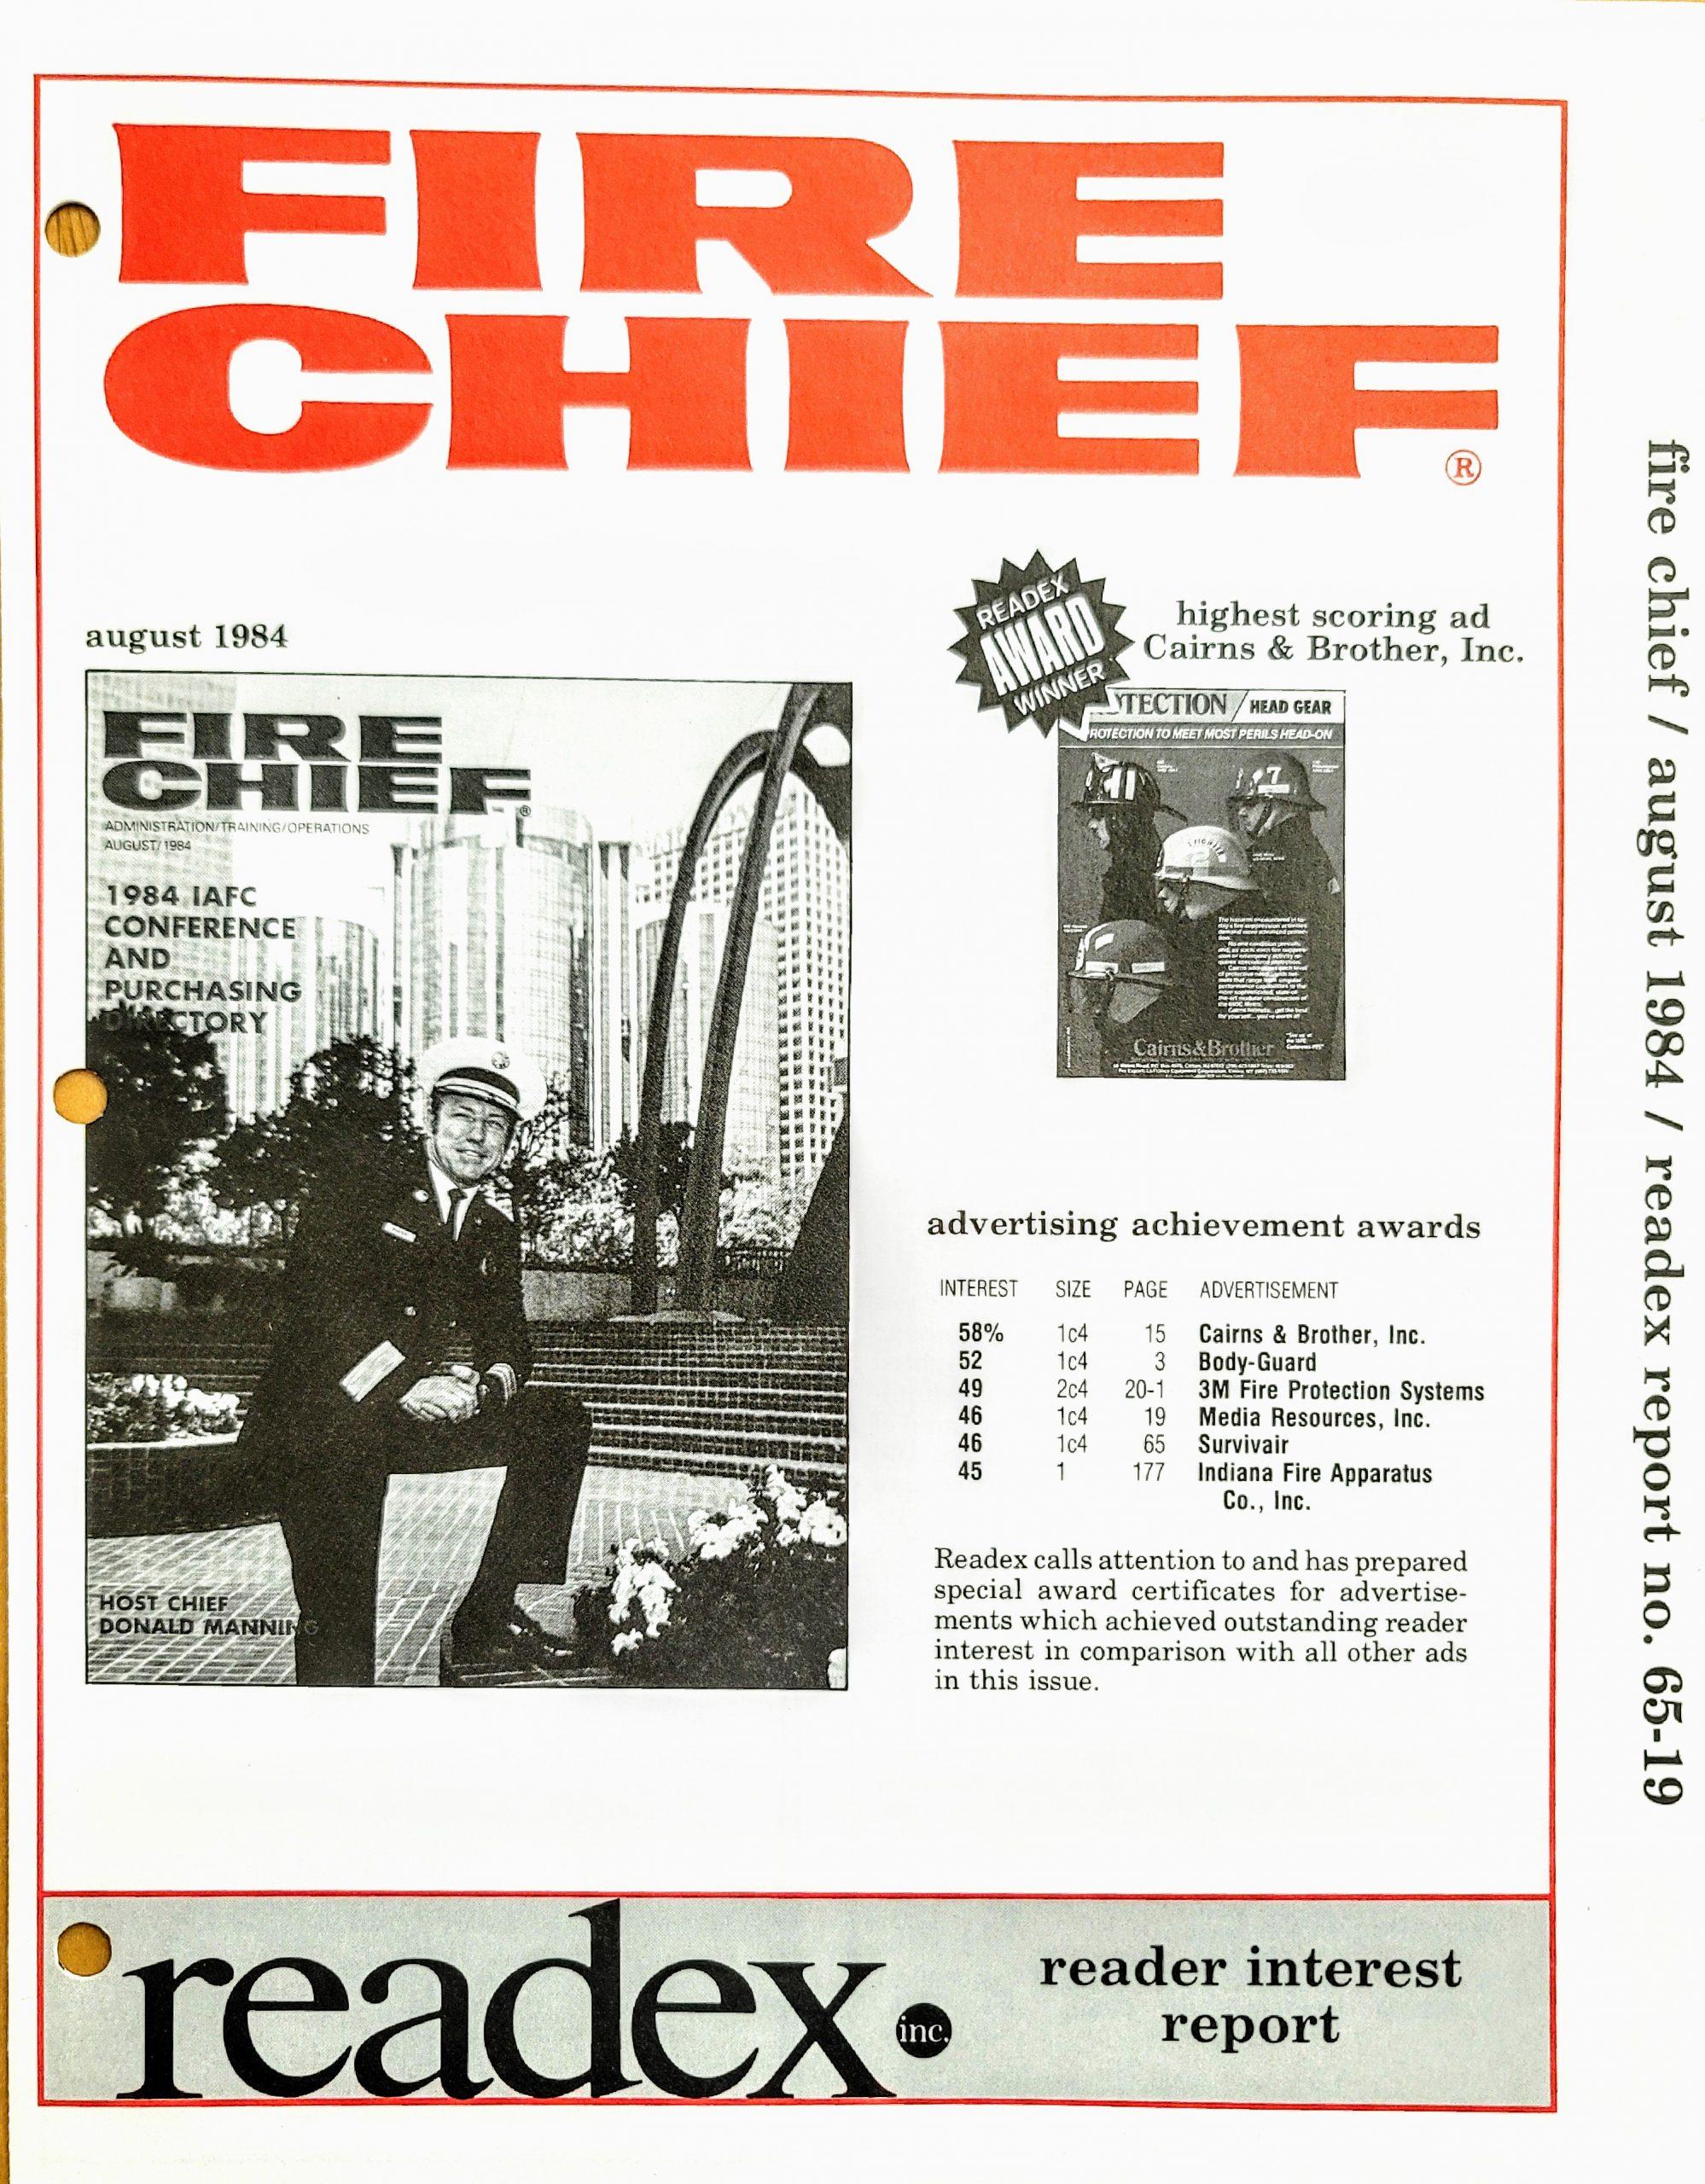 cairns_fire chief_award_readex_3